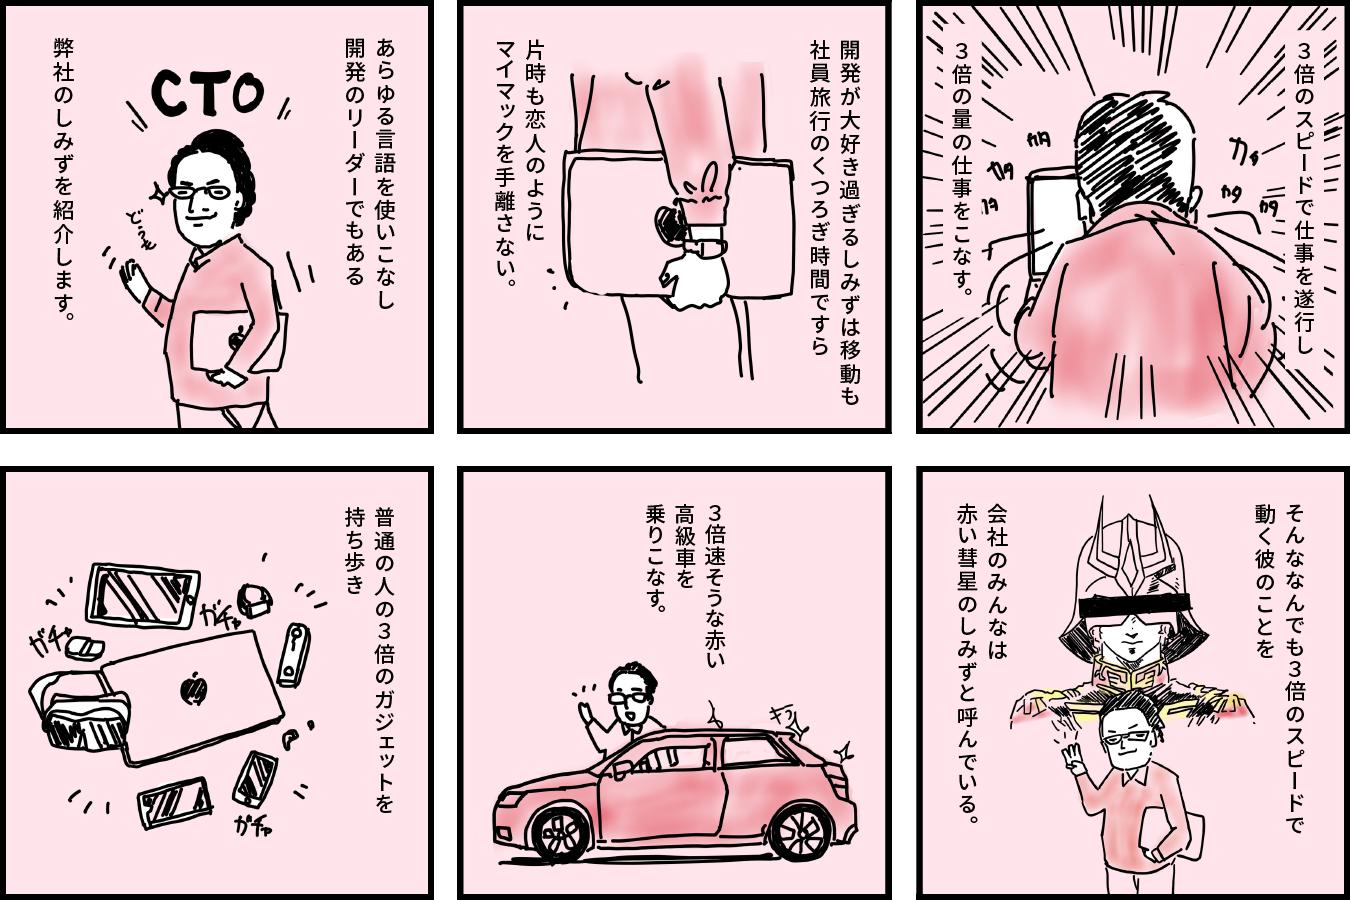 インスタ漫画連載Vol.02 CTO清水登場編